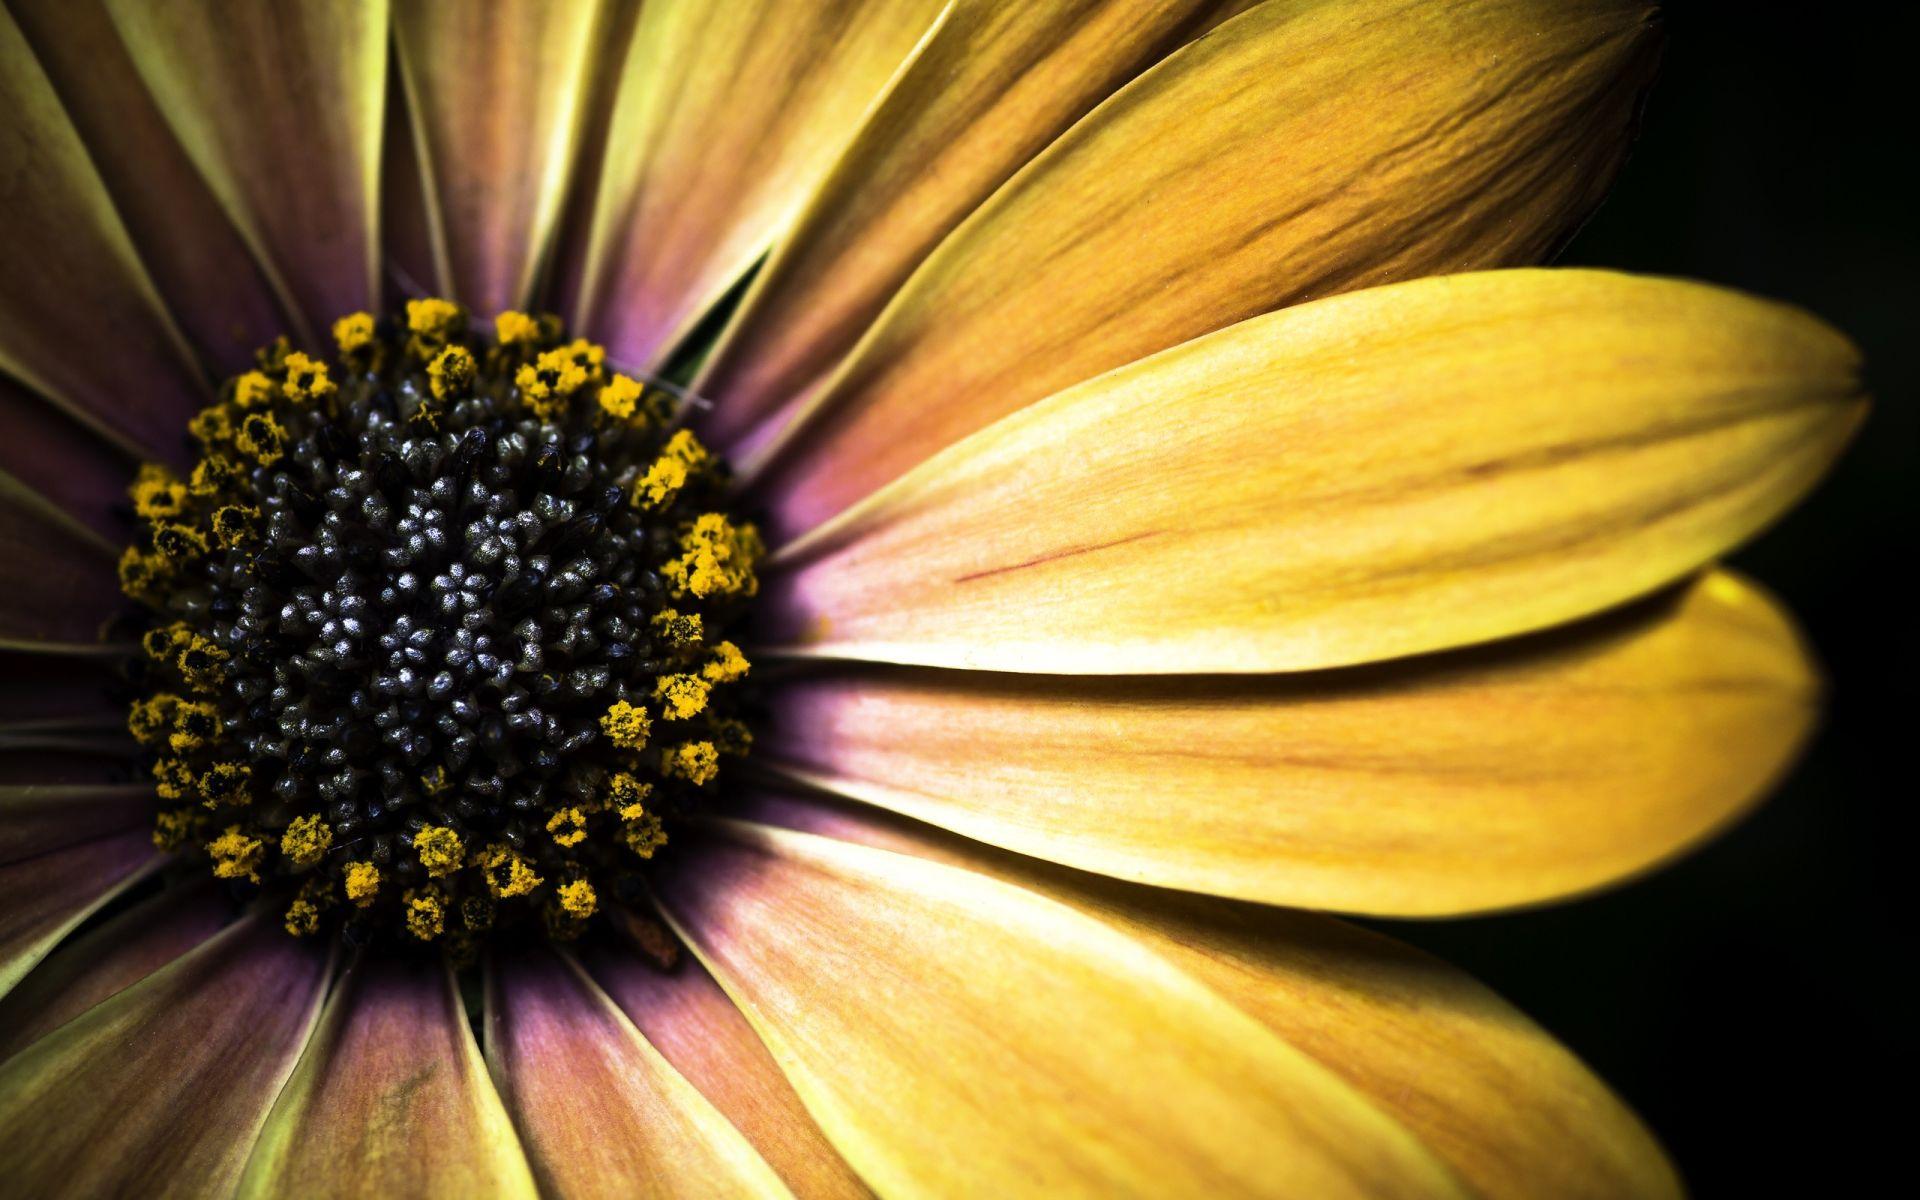 Flower Macro HD Wallpapers Pack Download